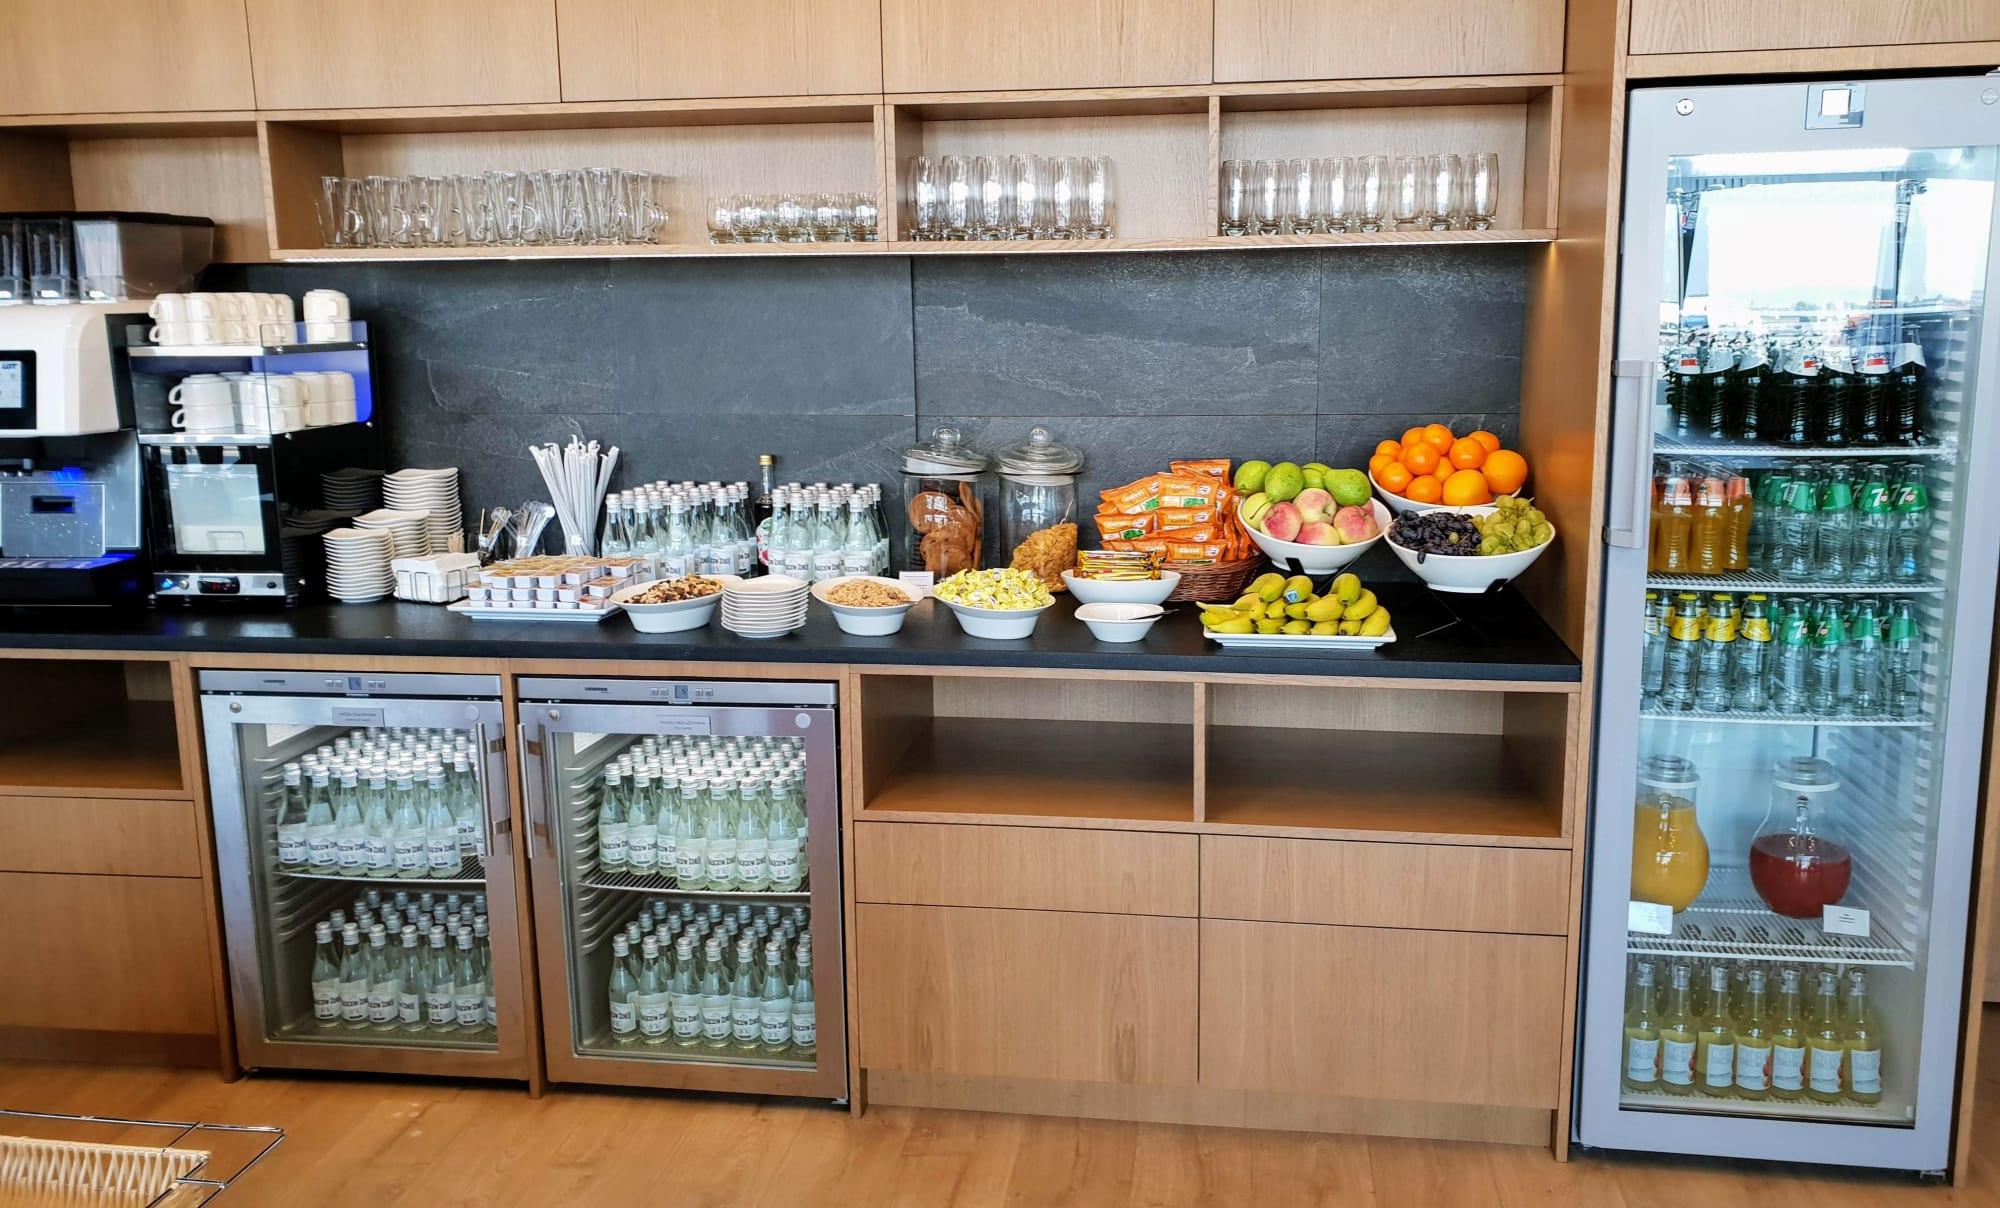 מגוון האוכל והשתיה המוצעים למבקרים בטרקלין LOT